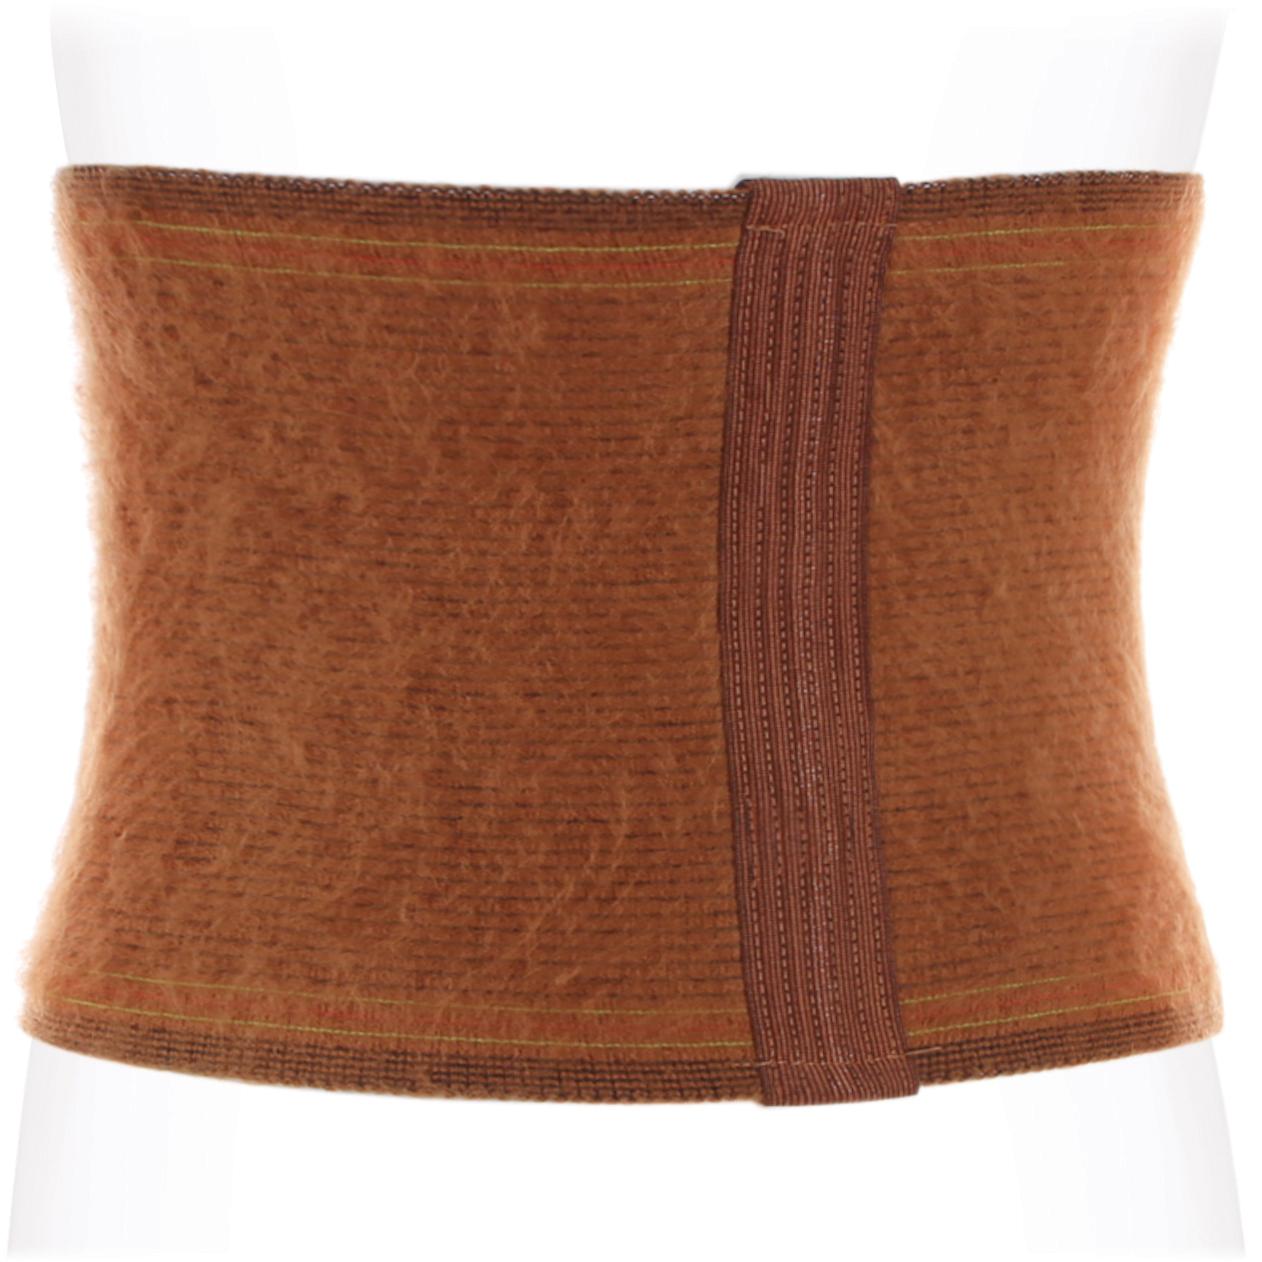 Ecoten Бандаж противорадикулитный согревающий. Верблюжья шерсть ПРР-03. Размер 1/МПРР-03 MОсобенности: активно нейтрализует токсины, вырабатываемые организмом и оказывает косметологическое воздействие на кожу, омолаживая и делая ее более упругой и эластичной защищает от замерзания в холод и от перегрева в жару в несколько раз прочнее других видов шерсти обладает высокими антистатическими свойствами практична в носке, устойчива к загрязнению и способна самоочищаться цвет: коричневый Показания к применению: радикулит, миозит ревматизм, остеохондроз поясничного отдела позвоночника неврит, невралгия, подагра профилактика заболеваний поясничного отдела позвоночника при физических нагрузках и переохлаждении 42(S)65-85 44(M)83-100 46(L)98-115 48(XL)113-130 состав:верблюжья шерсть